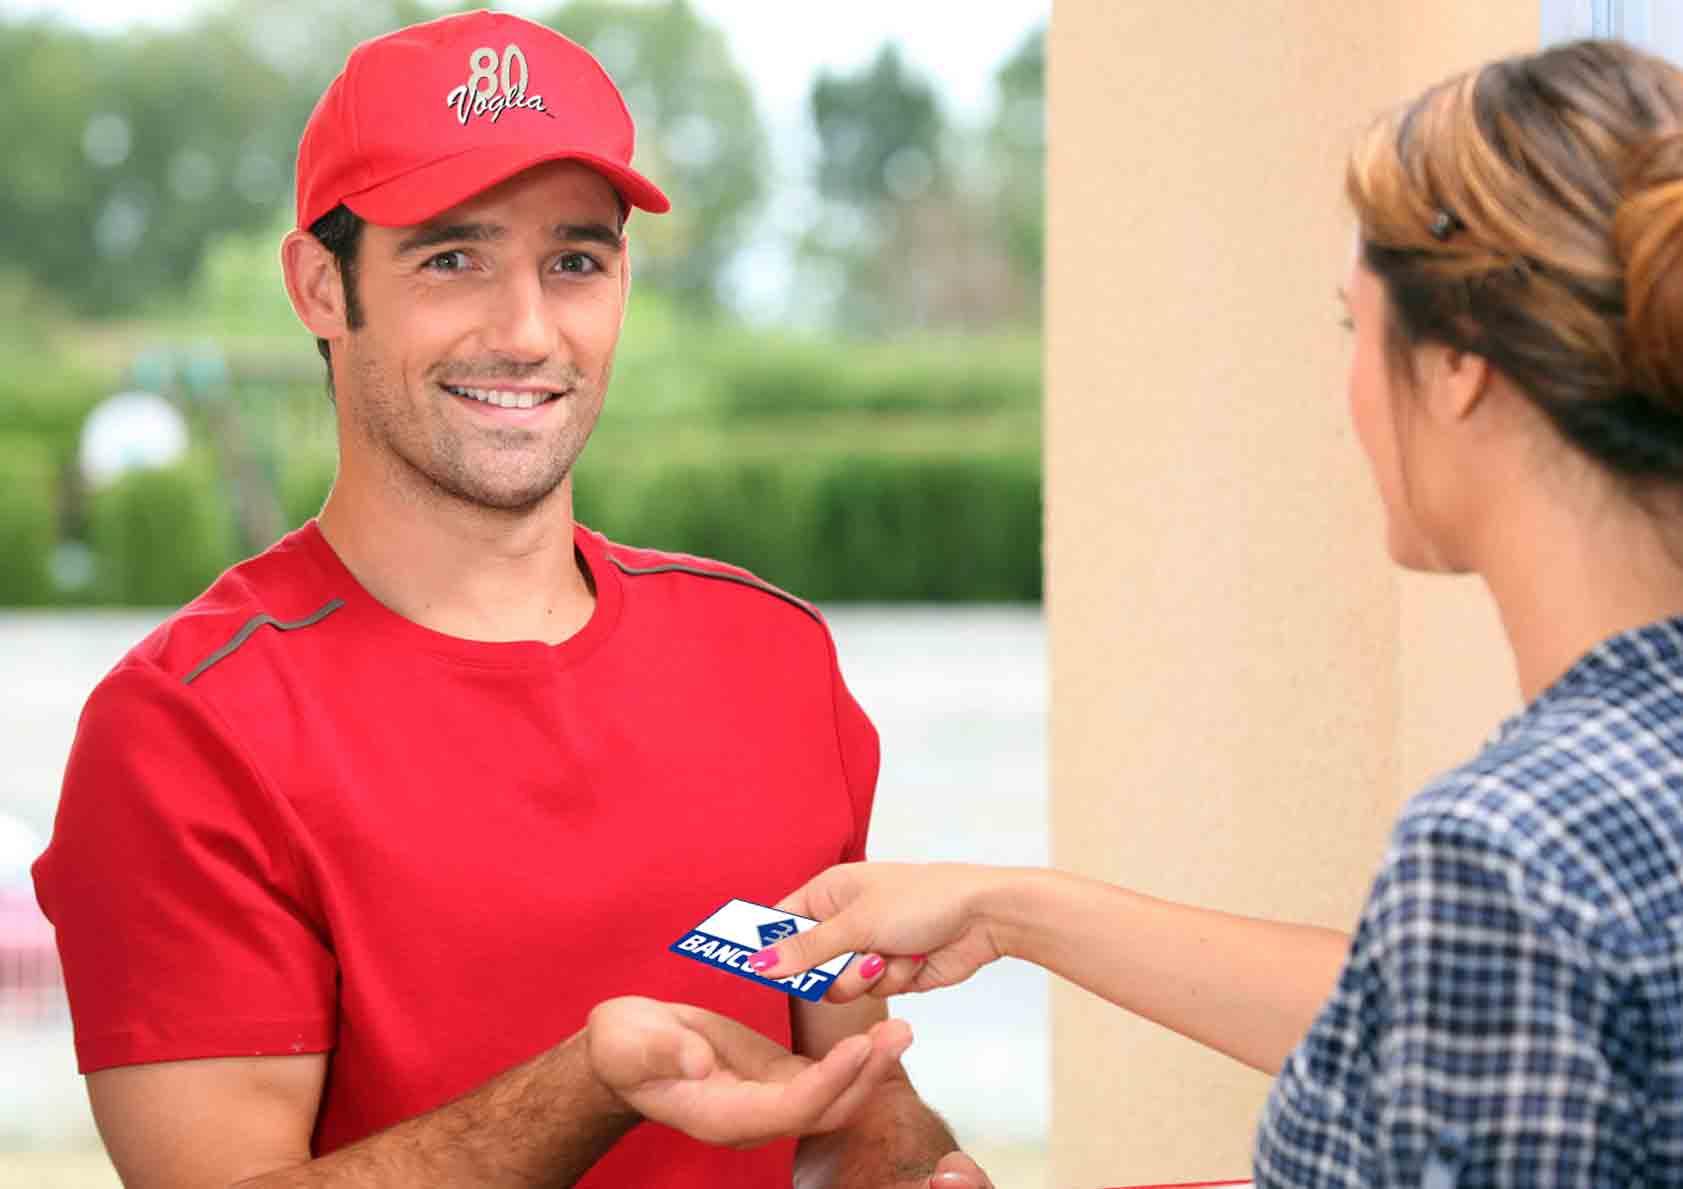 consegna a domicilio bancomat mantova